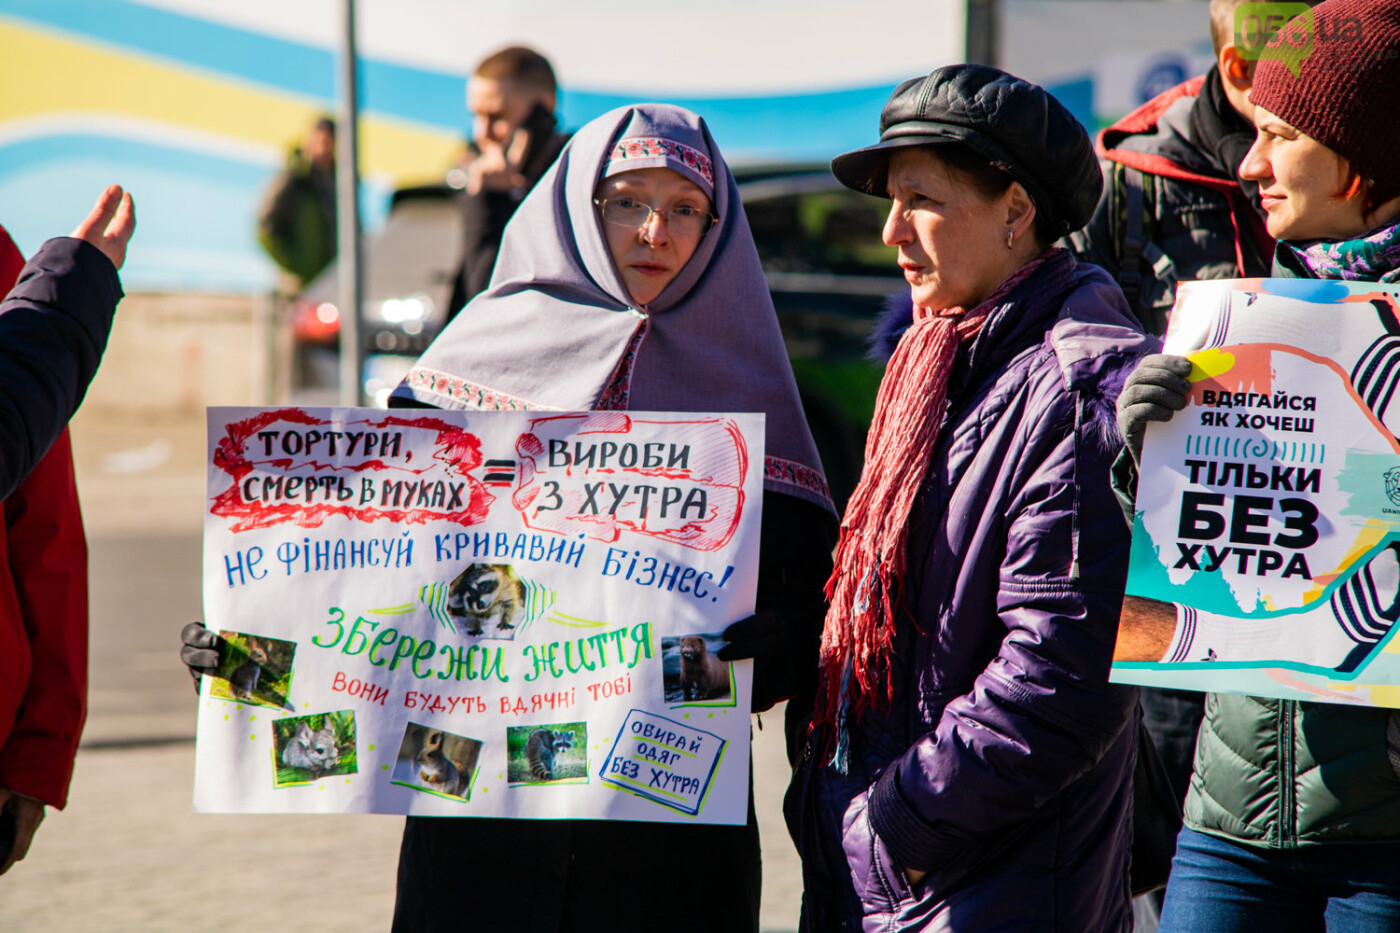 Полярная лиса, законопроект и кричащие плакаты: как в центре Днепра прошла антимеховая акция, - ФОТОРЕПОРТАЖ, ВИДЕО, фото-6